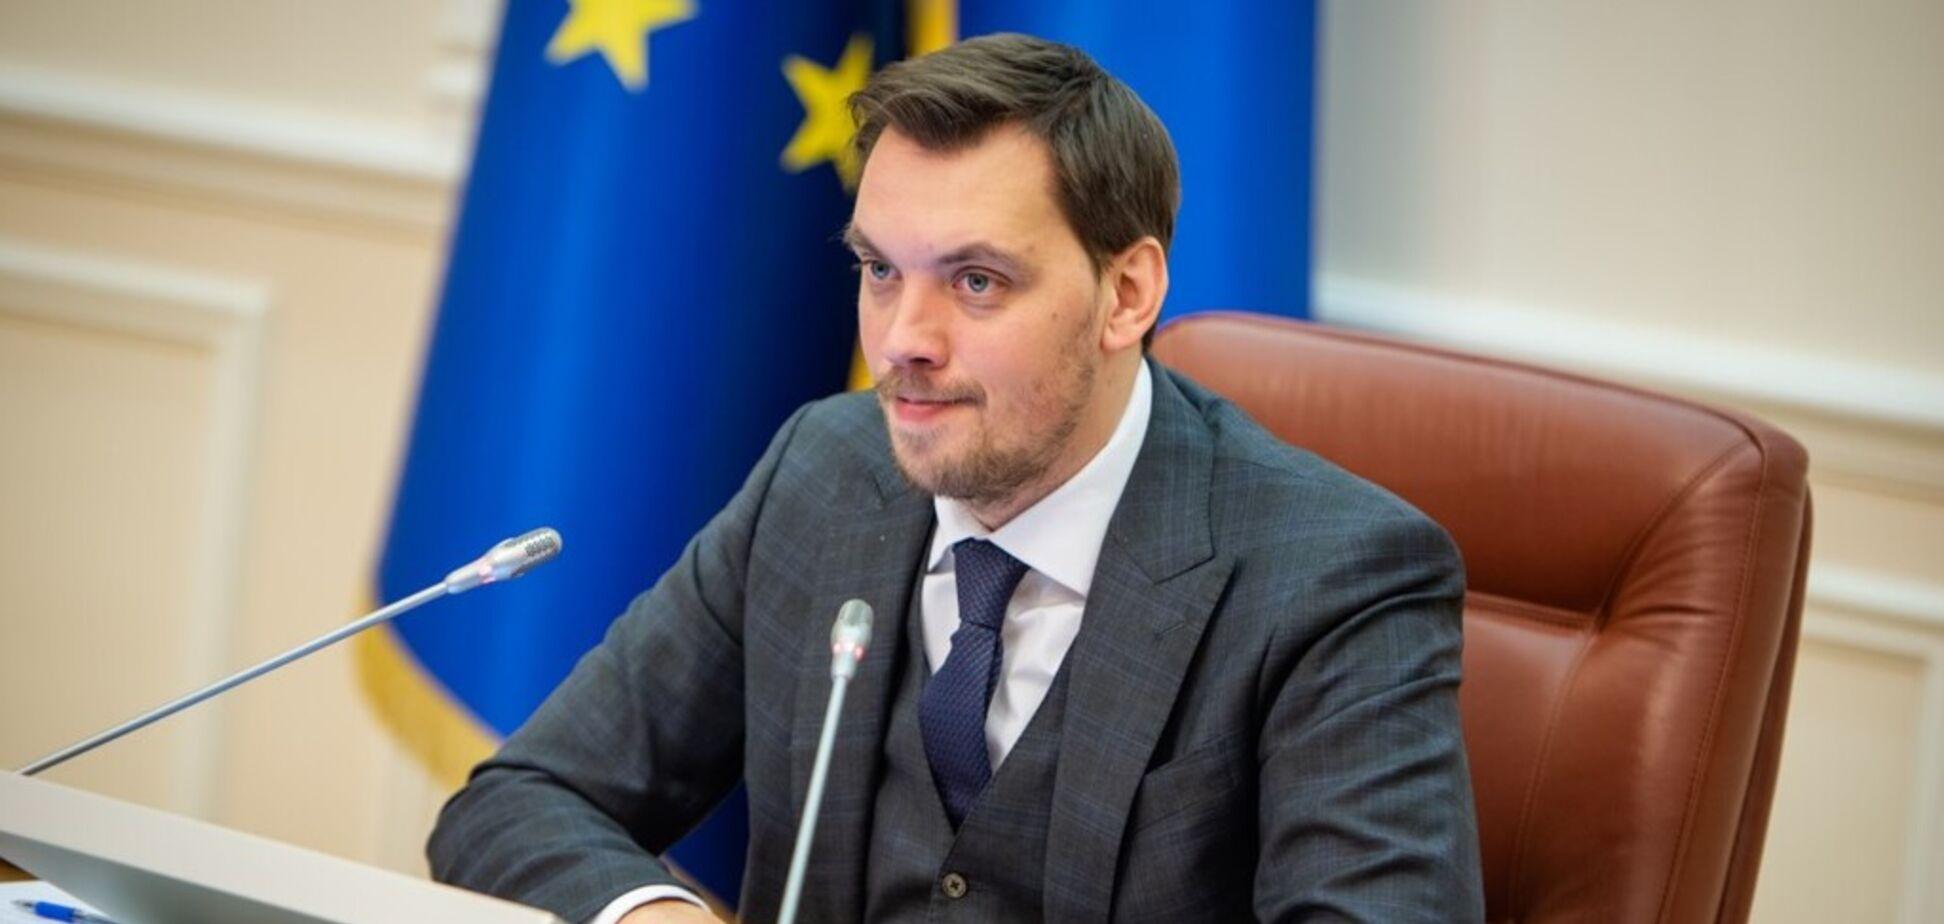 Украина объединит энергосистему с Европой: Гончарук дал прогноз